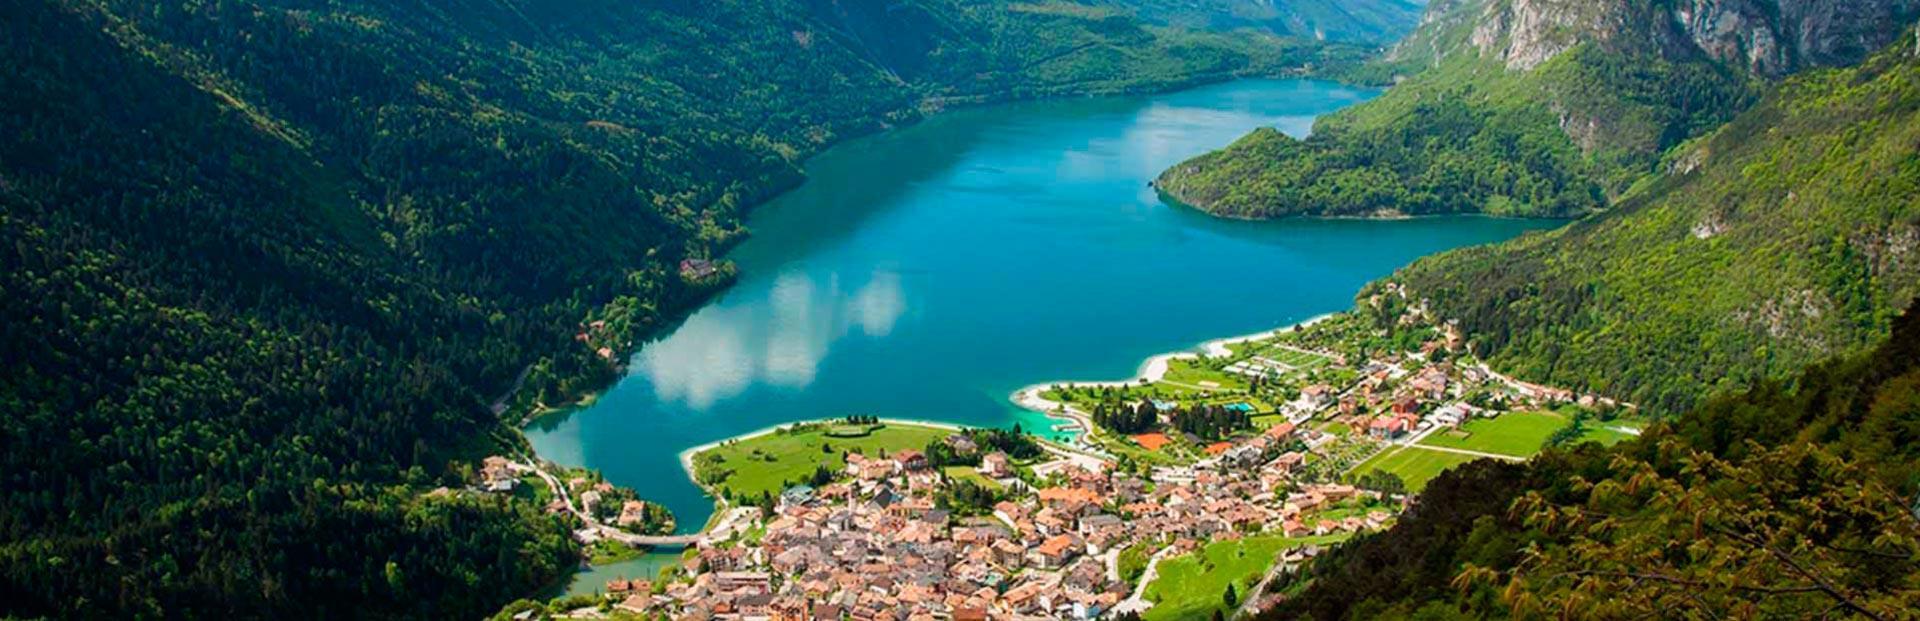 Lago di Molveno ripreso dall'alto